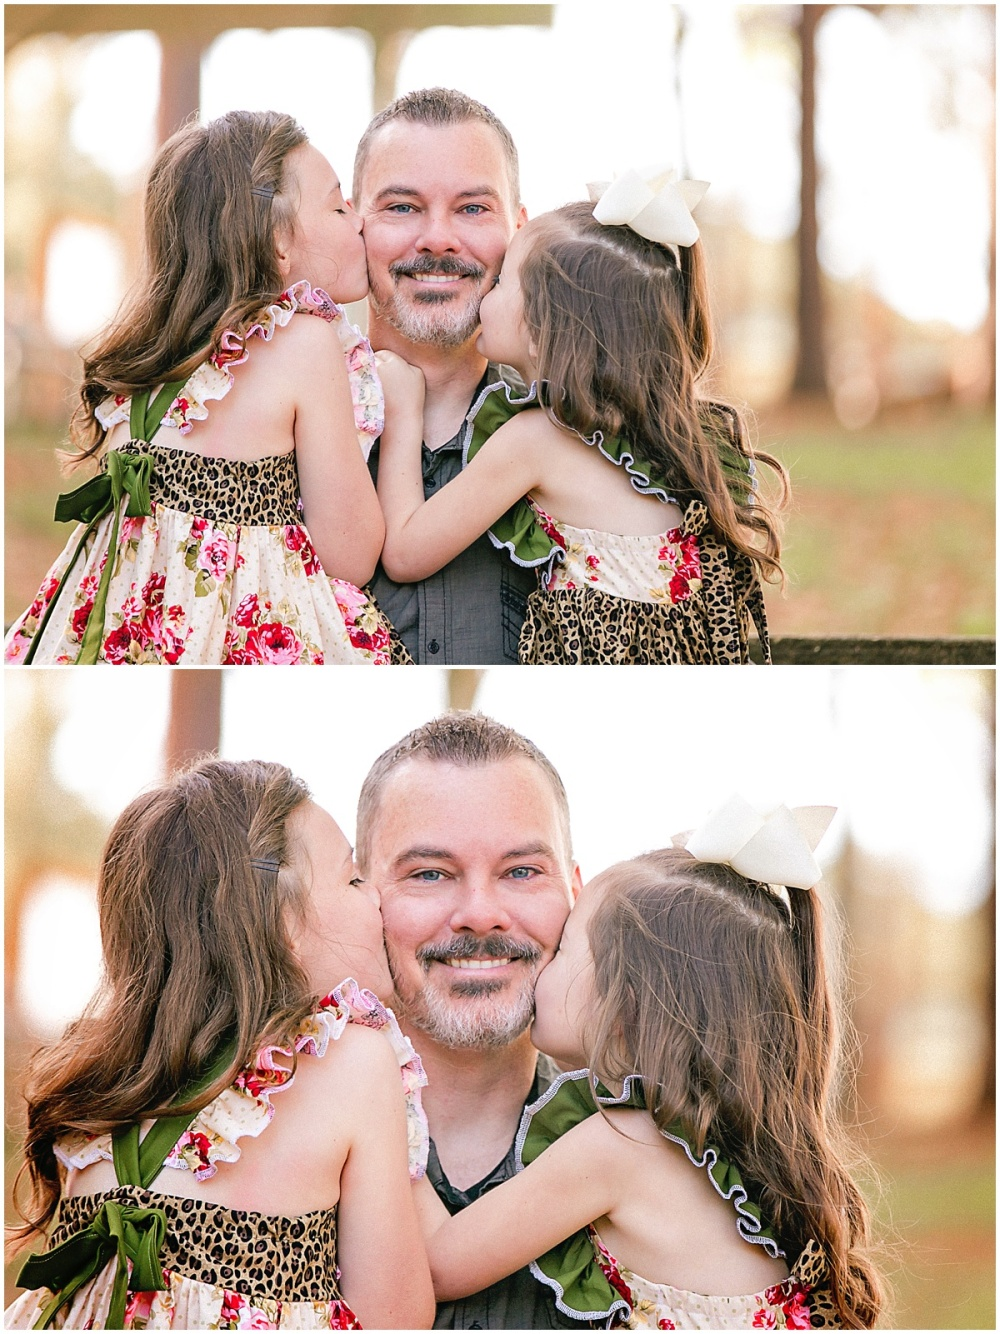 Family-Portraits-Spradlin-East-Texas-Carly-Barton-Photography_0034.jpg